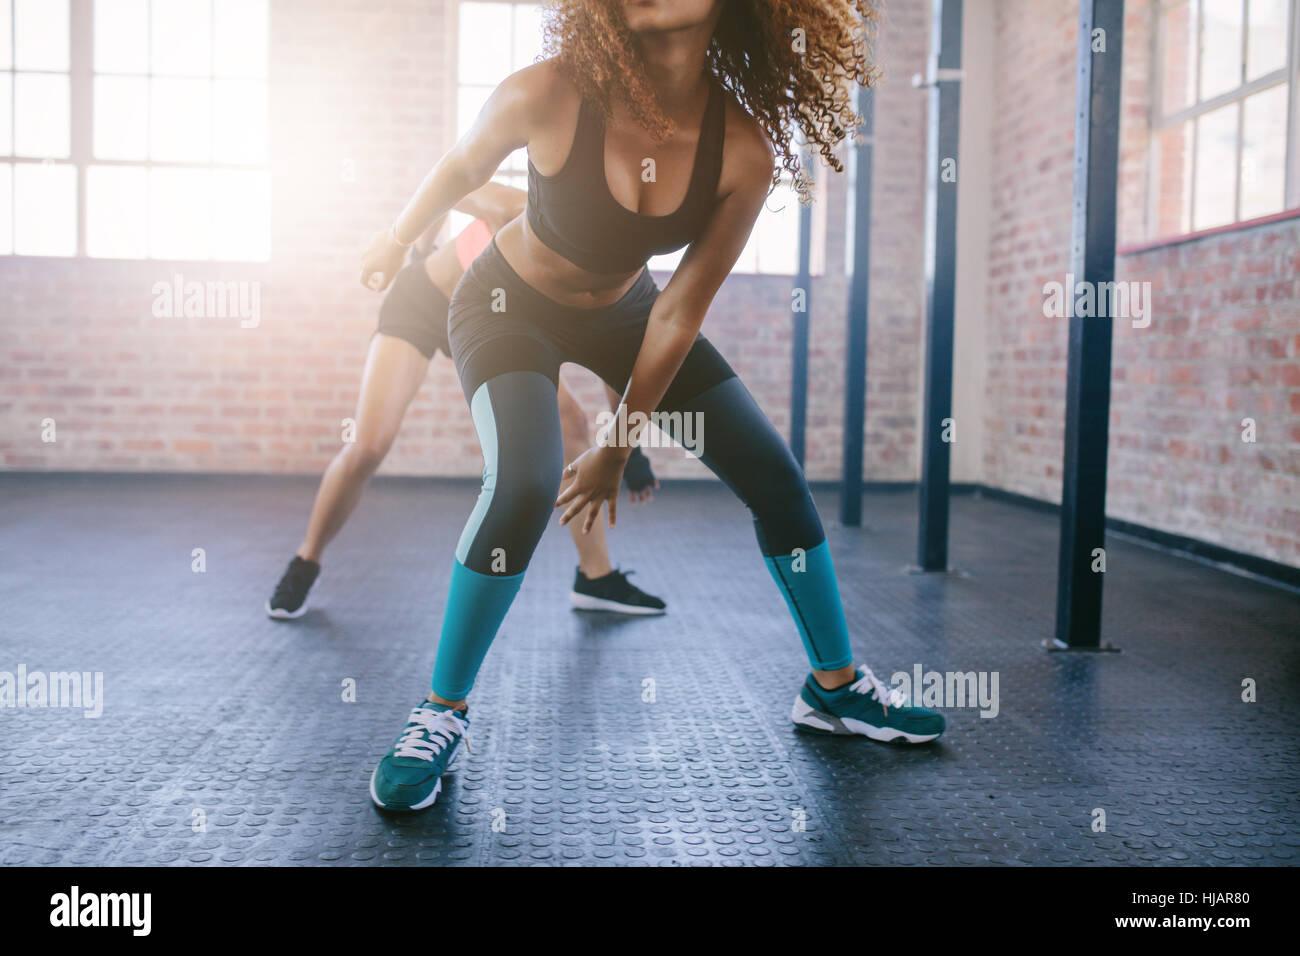 Aufnahme von jungen Frauen dabei laufenden Training in der Turnhalle beschnitten.  Konzentrieren Sie sich auf die Stockbild